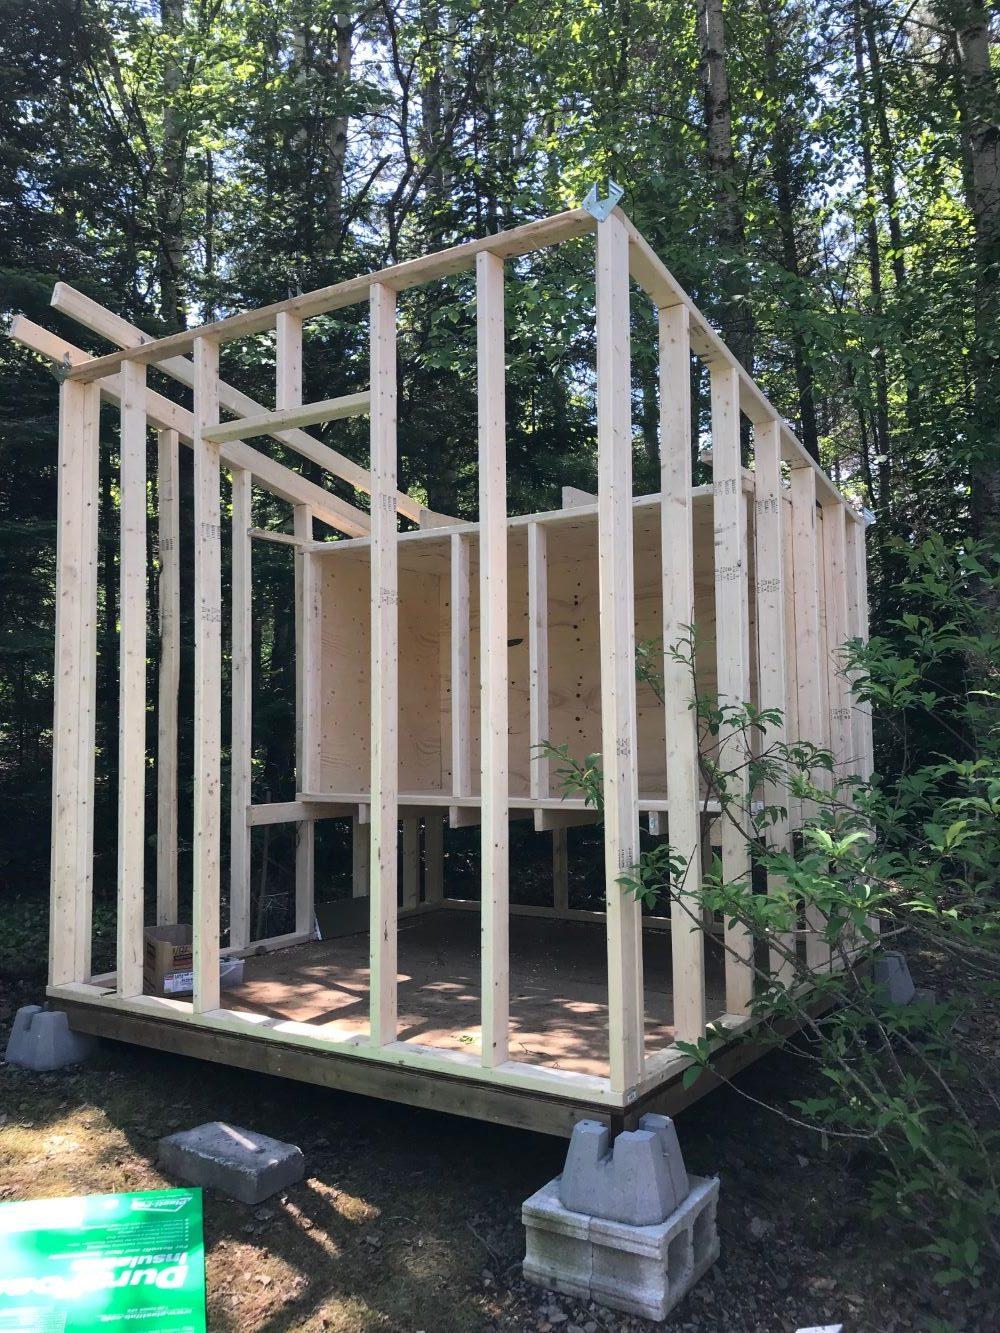 DIY Chicken Coop Building Tutorial